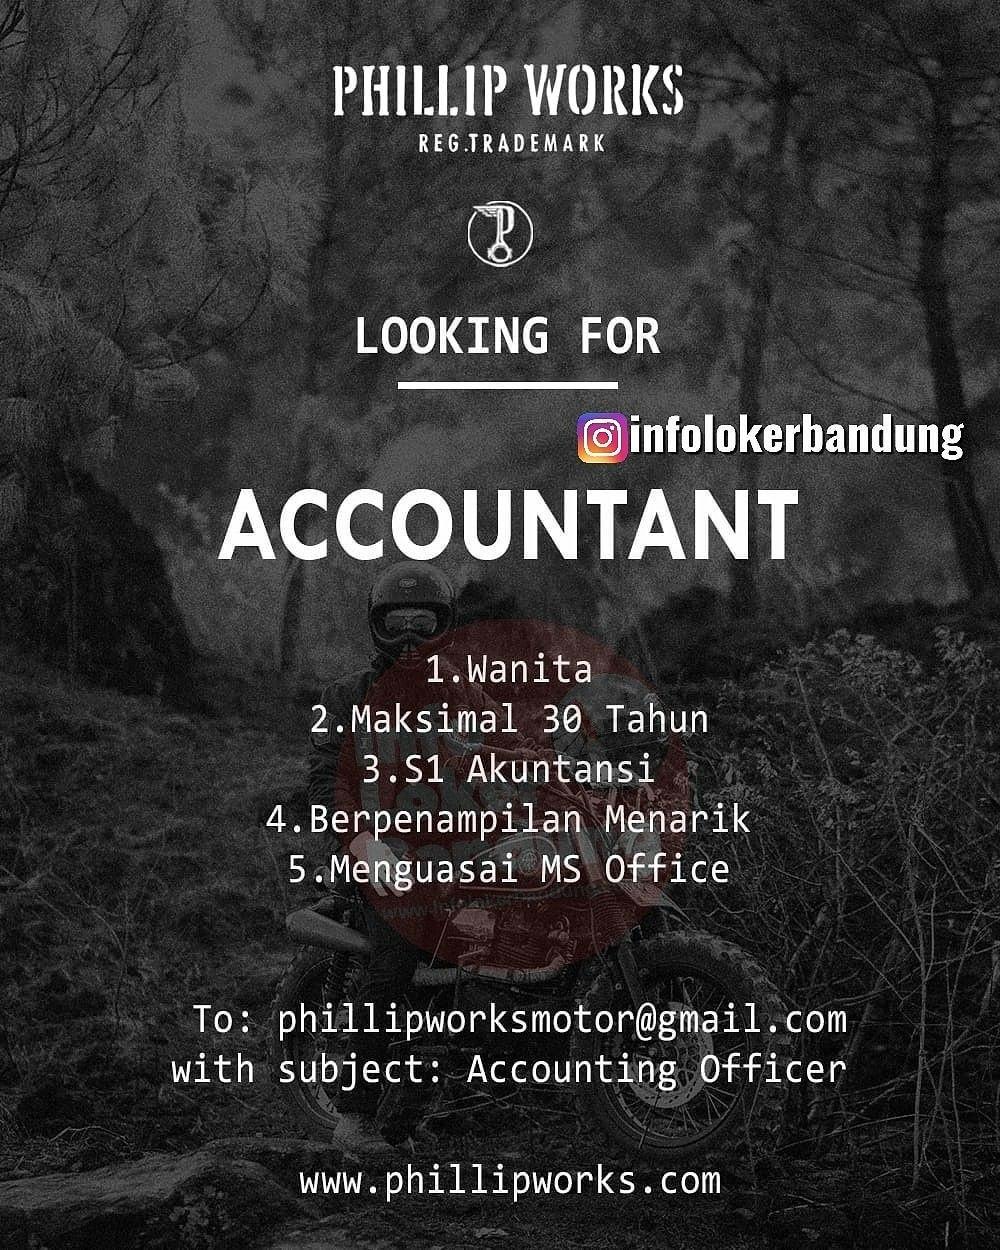 Lowongan Kerja Phillip Works Bandung Januari 2020